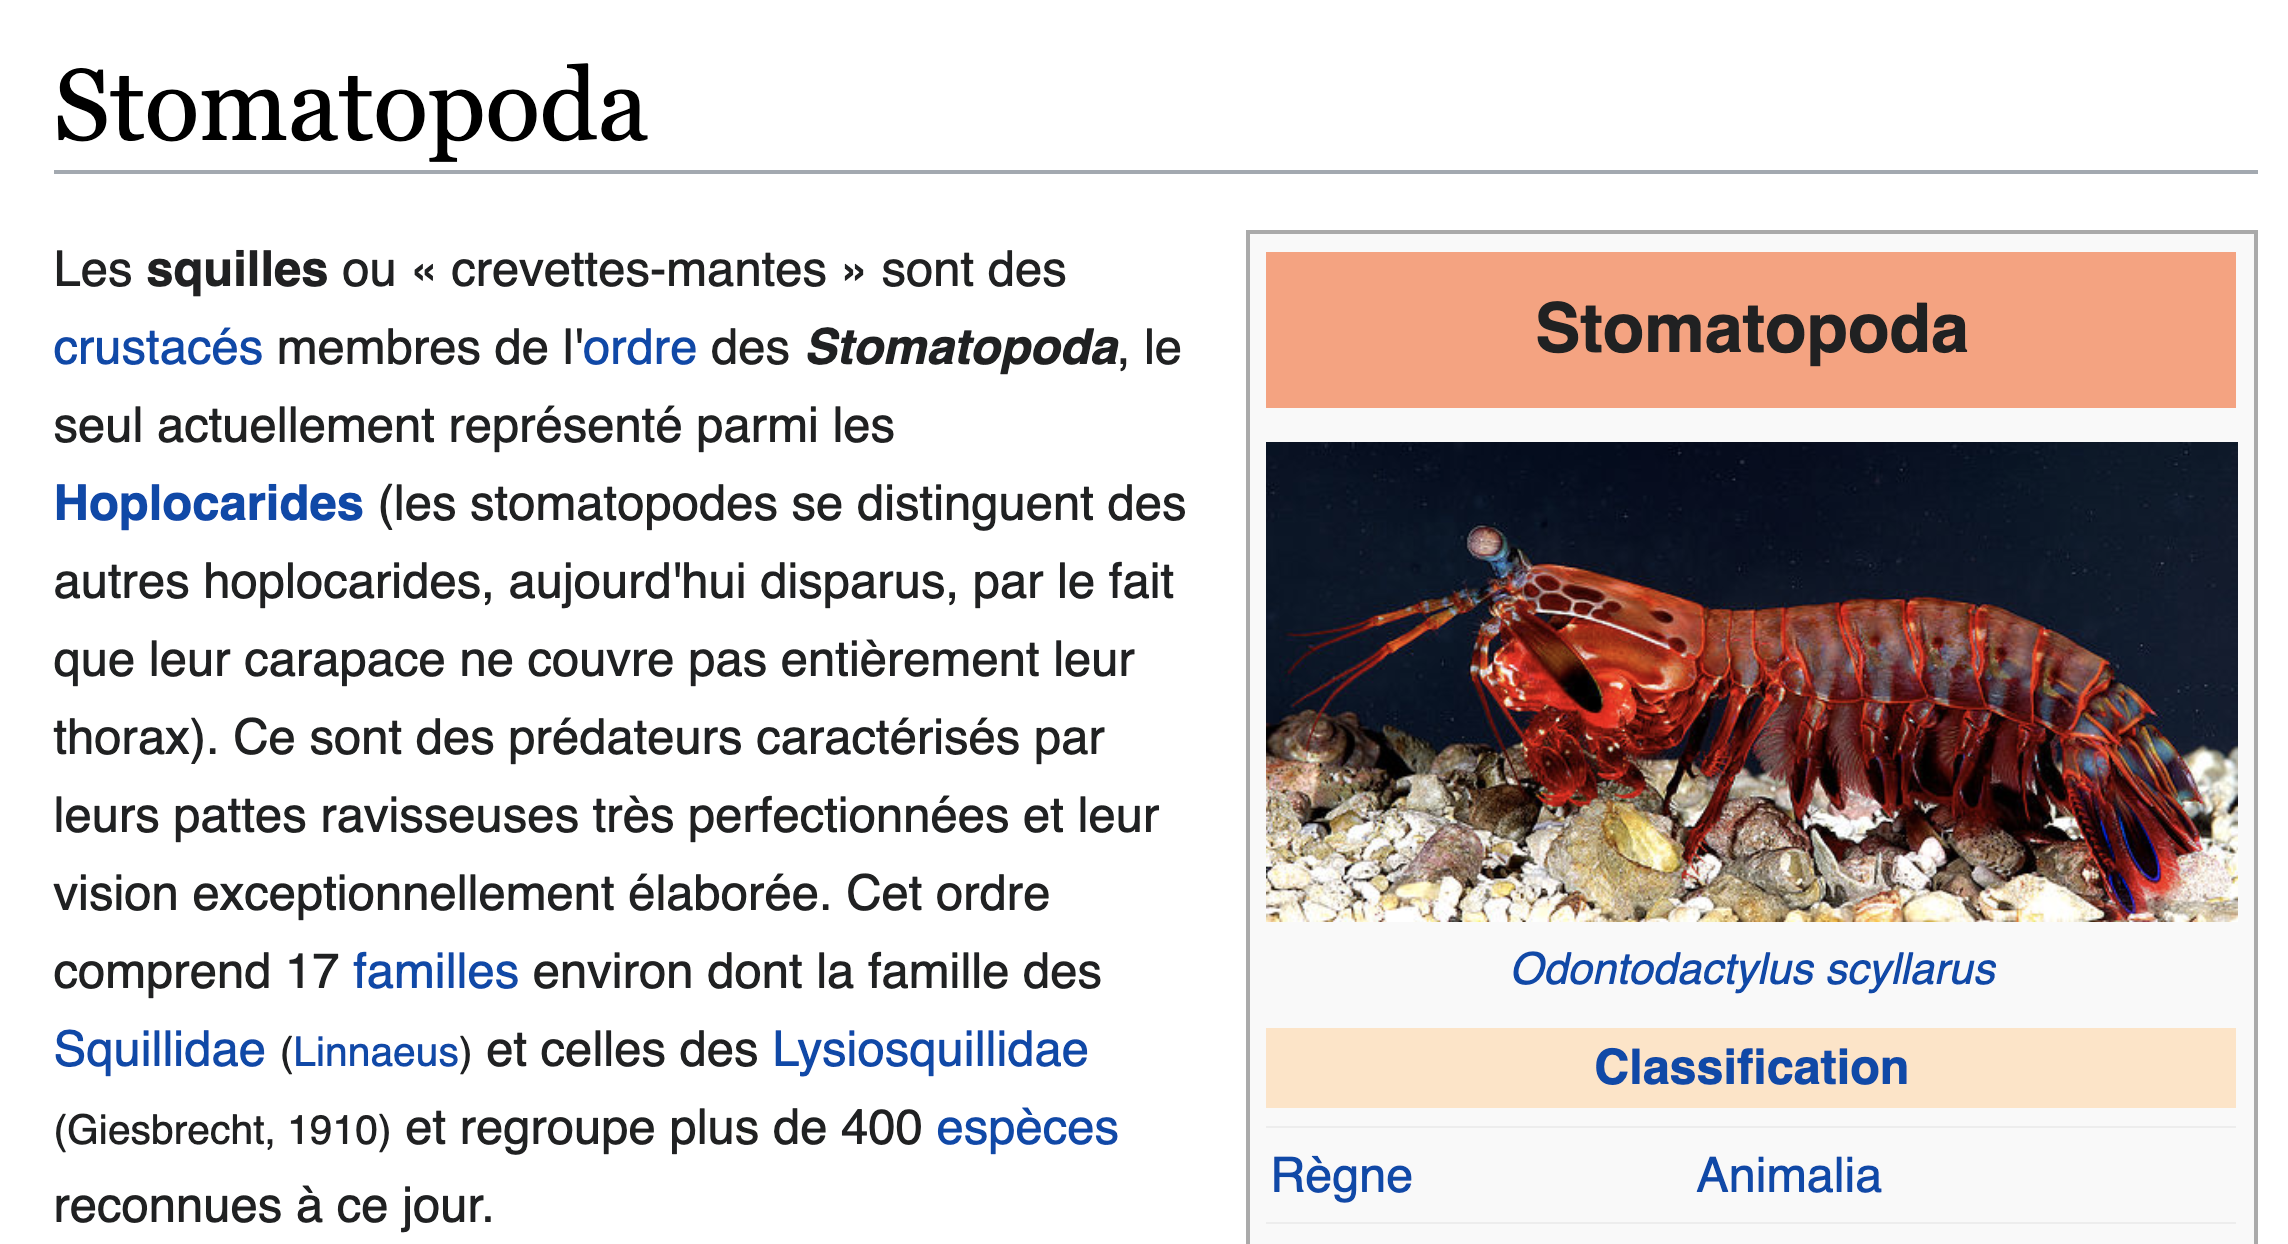 Article Wikipedia montrant un paragraphe de texte avec des liens dans le texte identifiés par une couleur bleue.